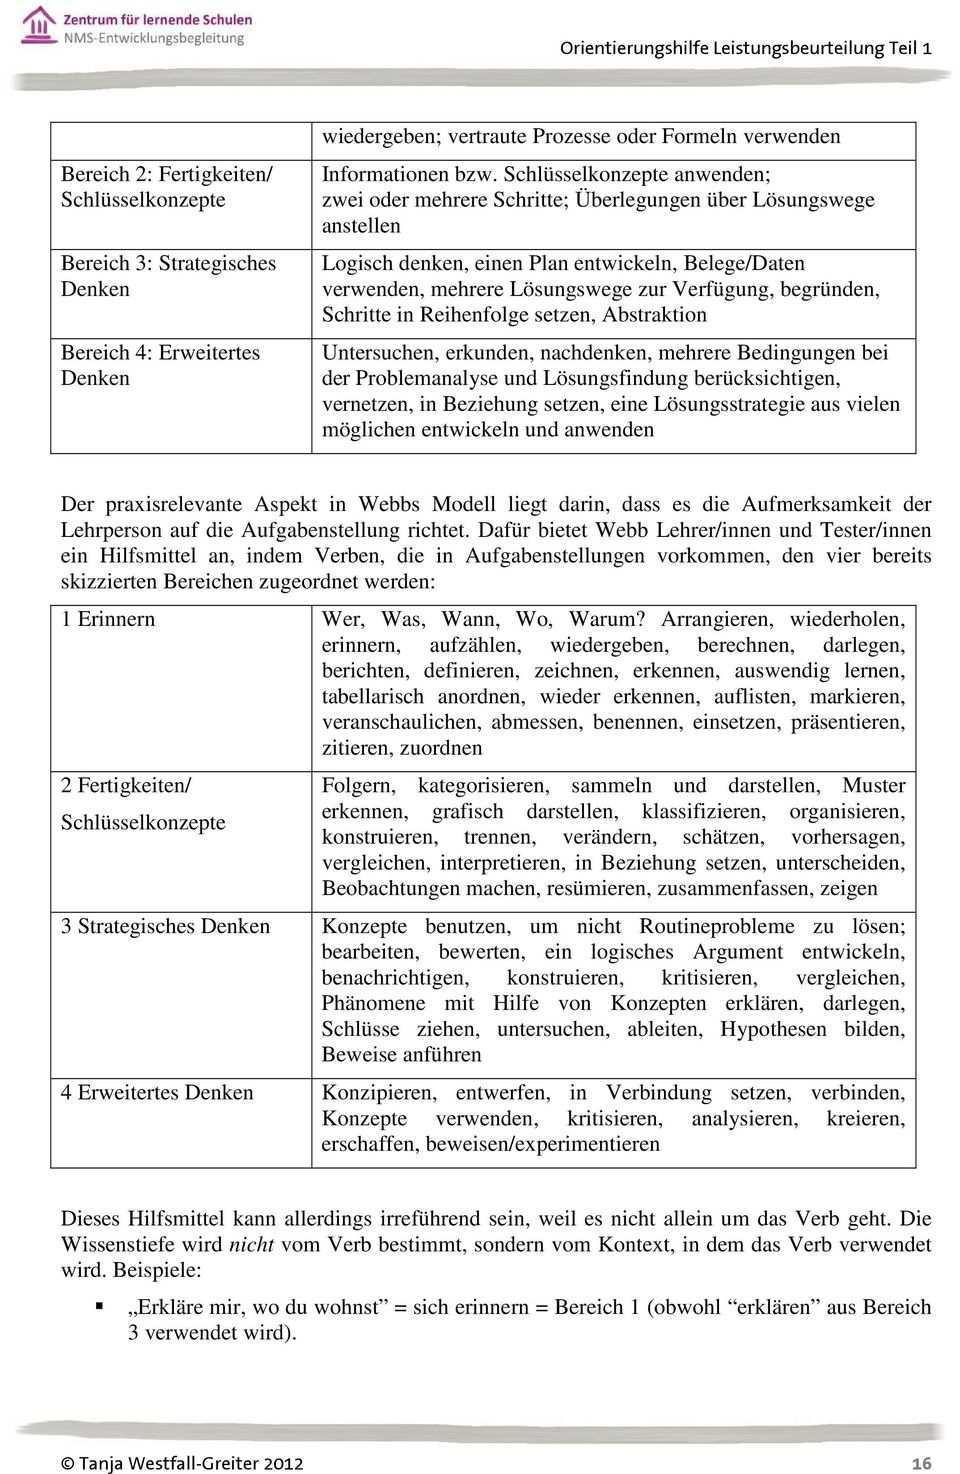 Orientierungshilfe Leistungsbeurteilung Teil 1 Grundlagen Und Begriffe Tanja Westfall Greiter Pdf Kostenfreier Download